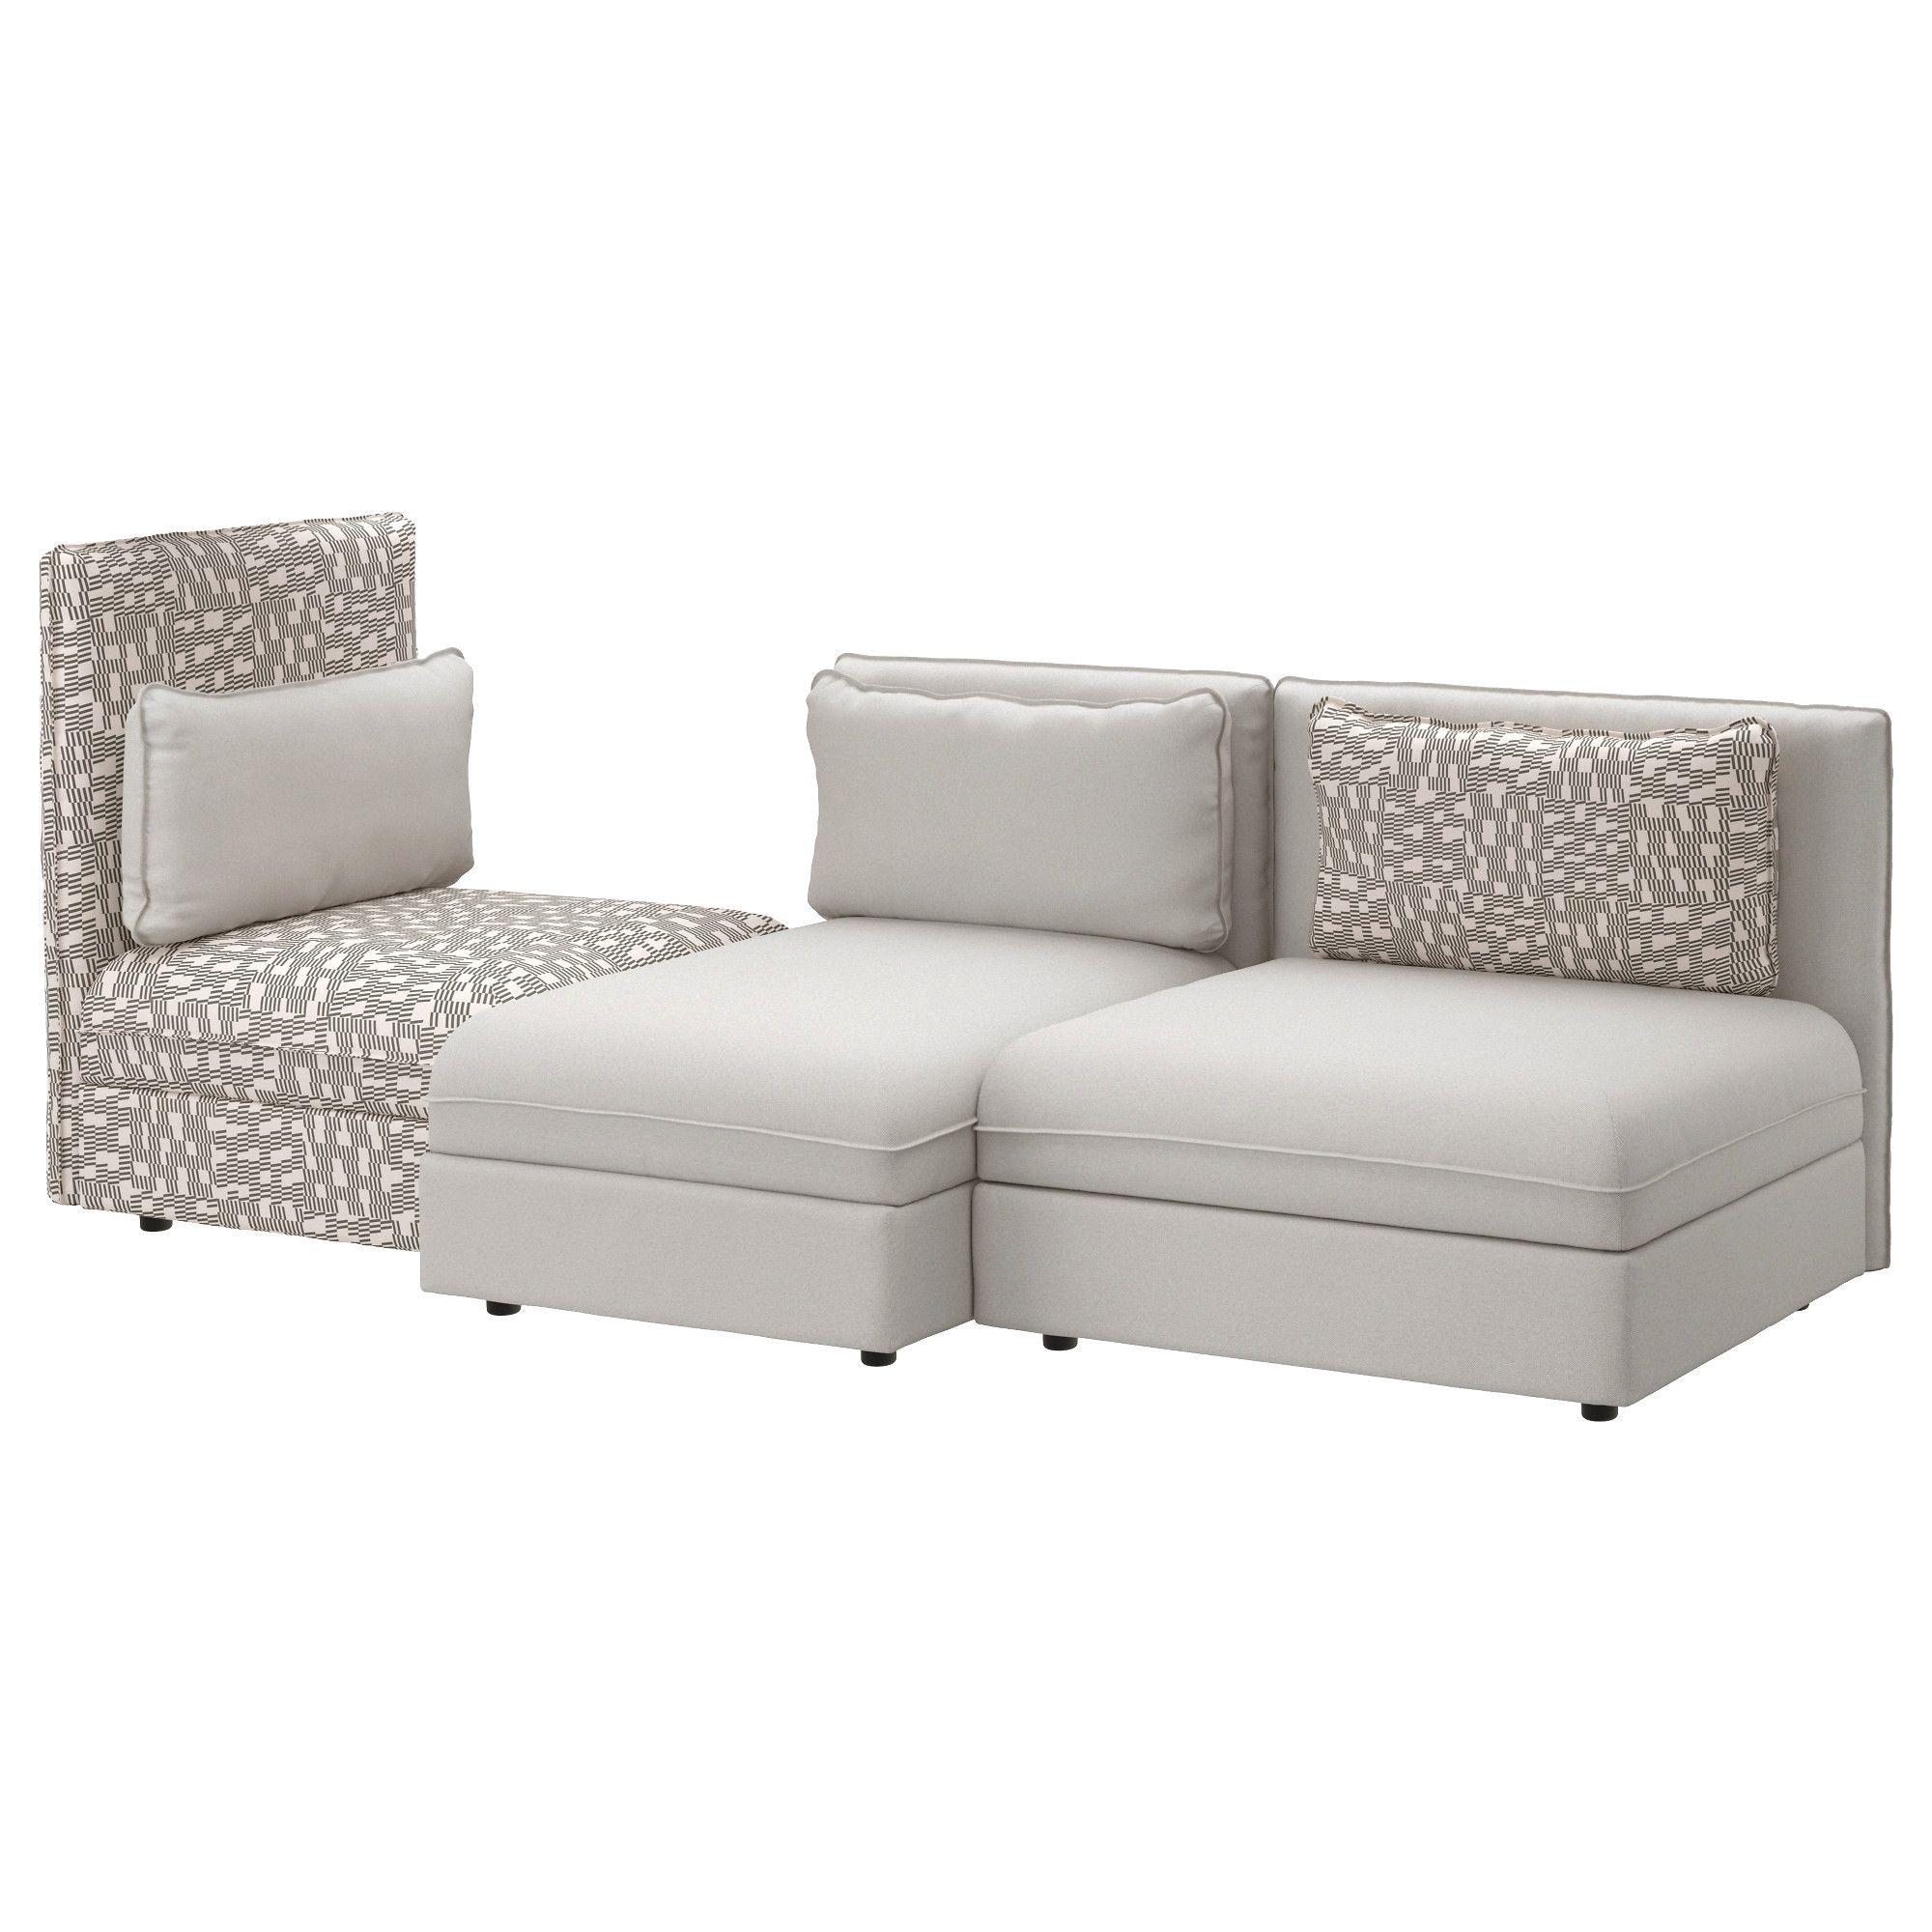 Canapé En Cuir Ikea Nouveau Images 30 Beau Ikea Canapé Convertible Cuir